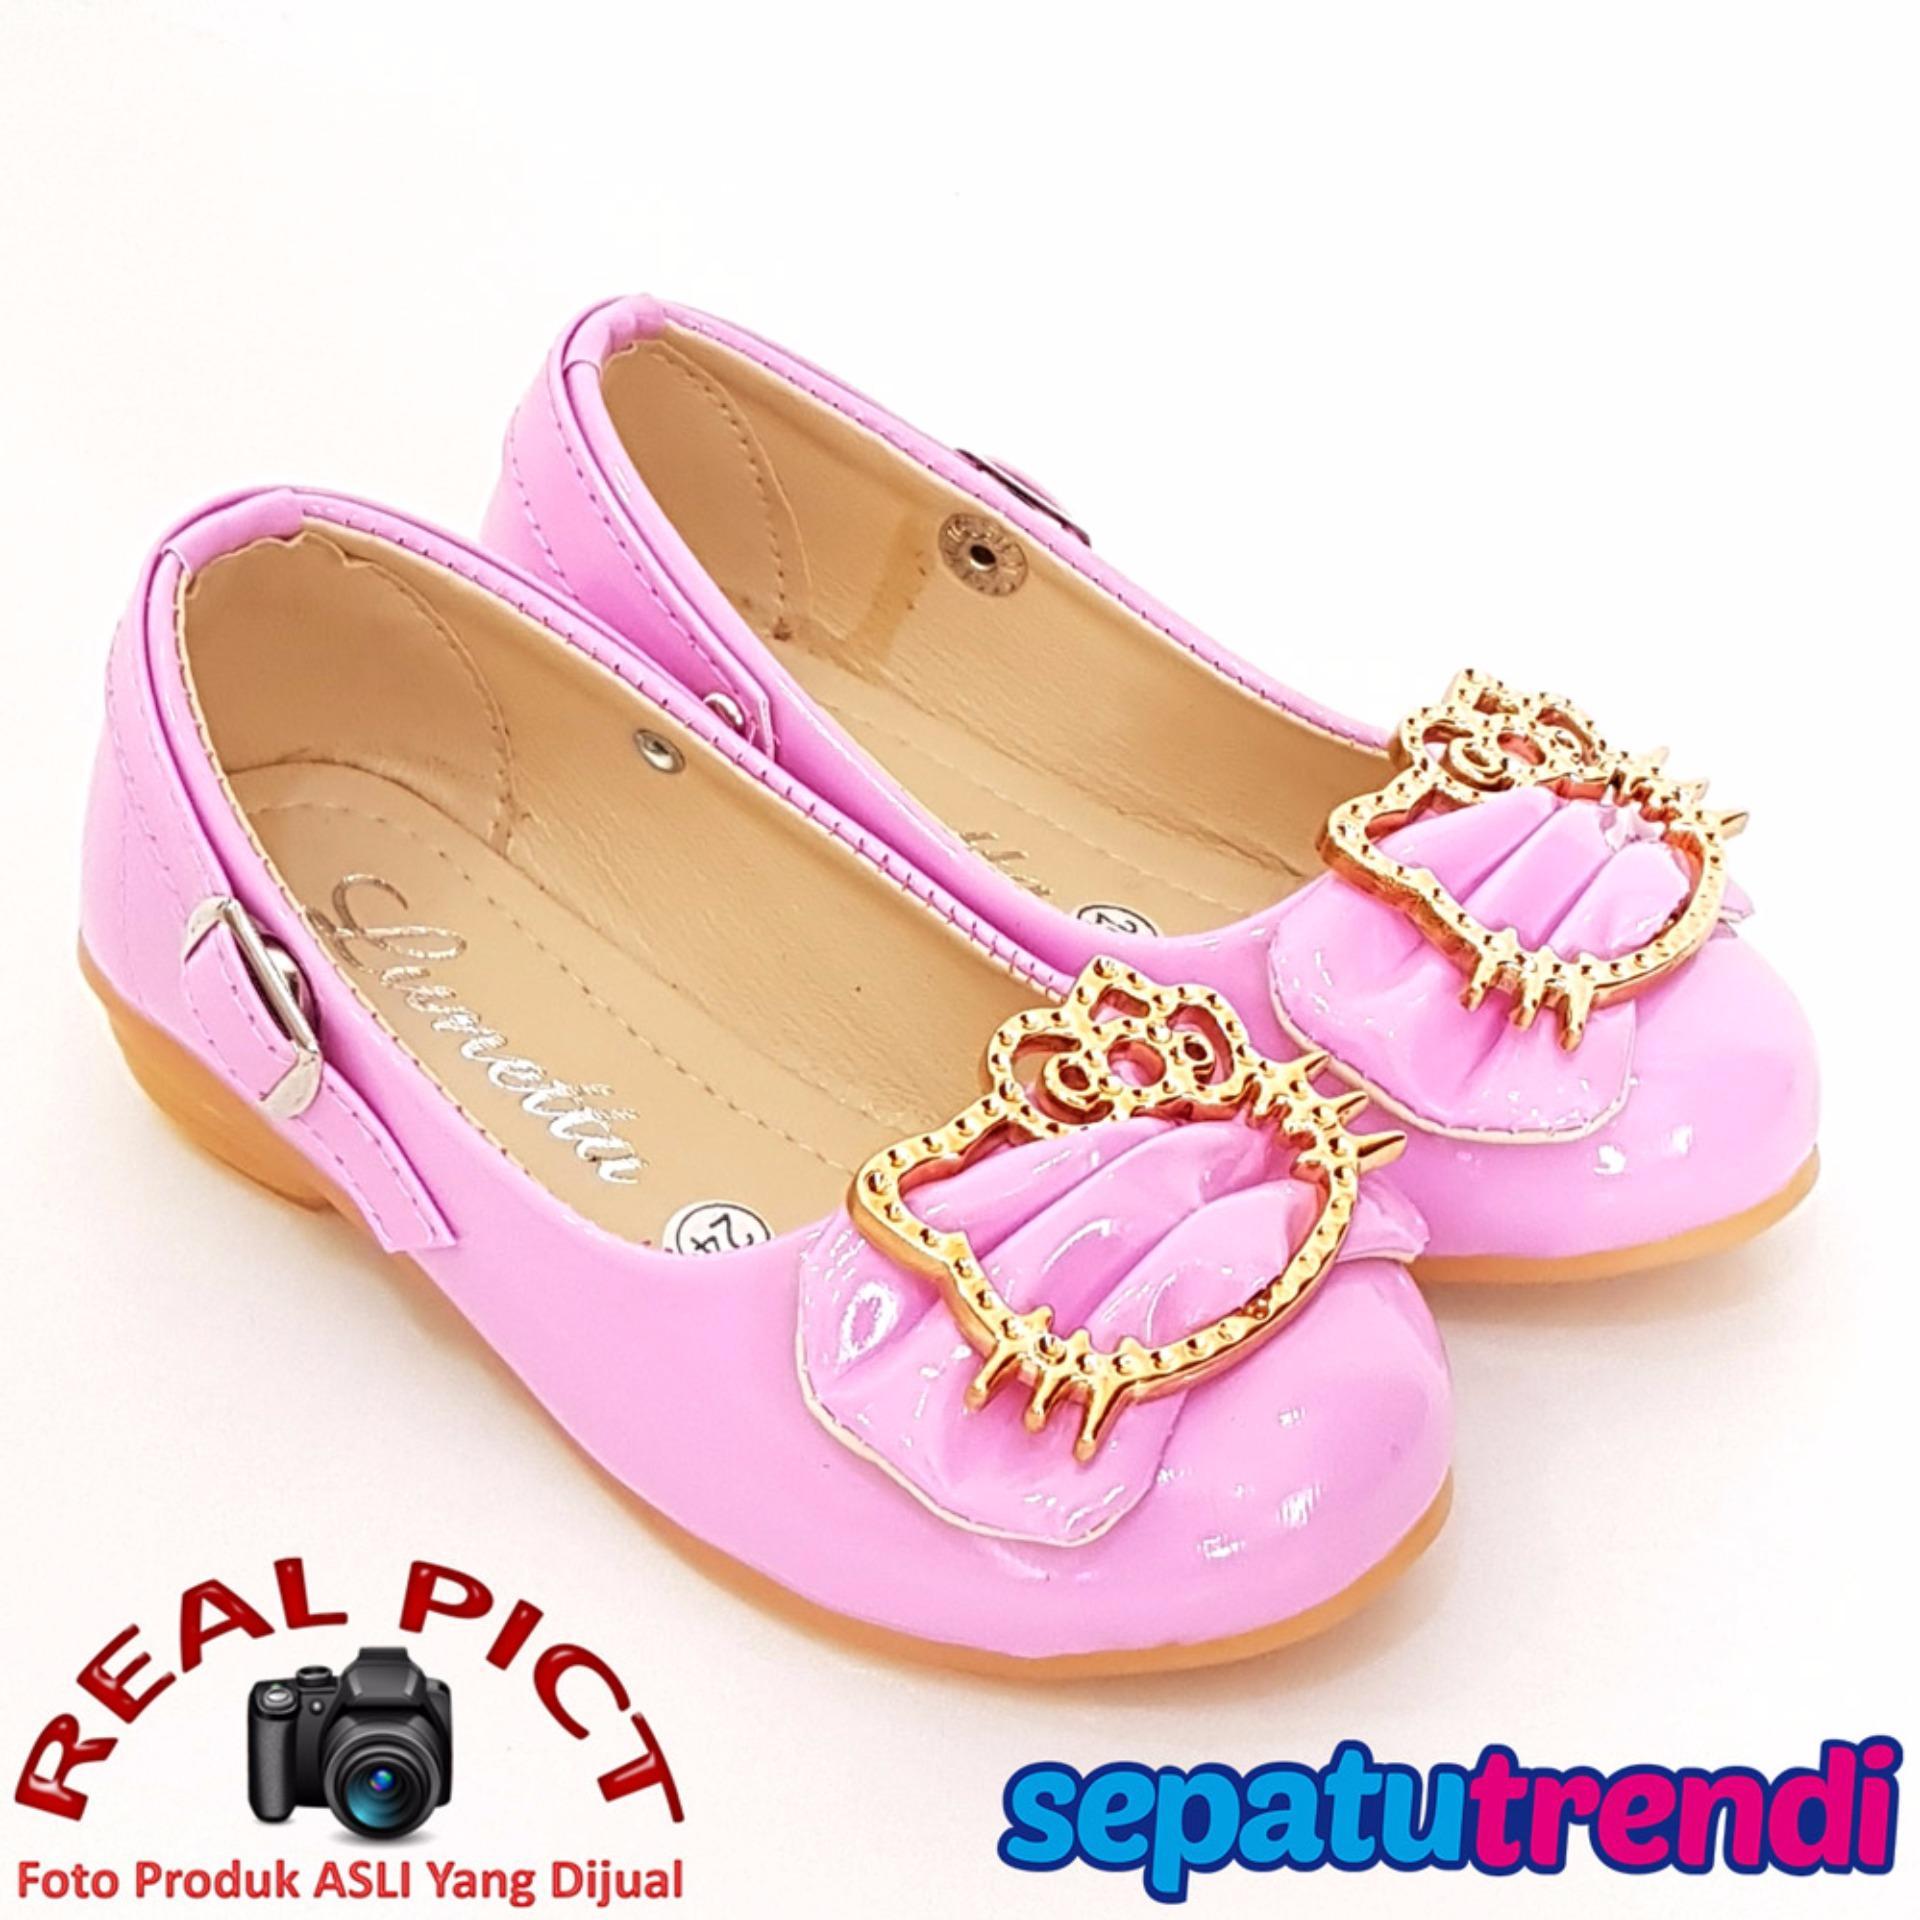 TrendiShoes Sepatu Anak Perempuan Cantik LNHK - Pink